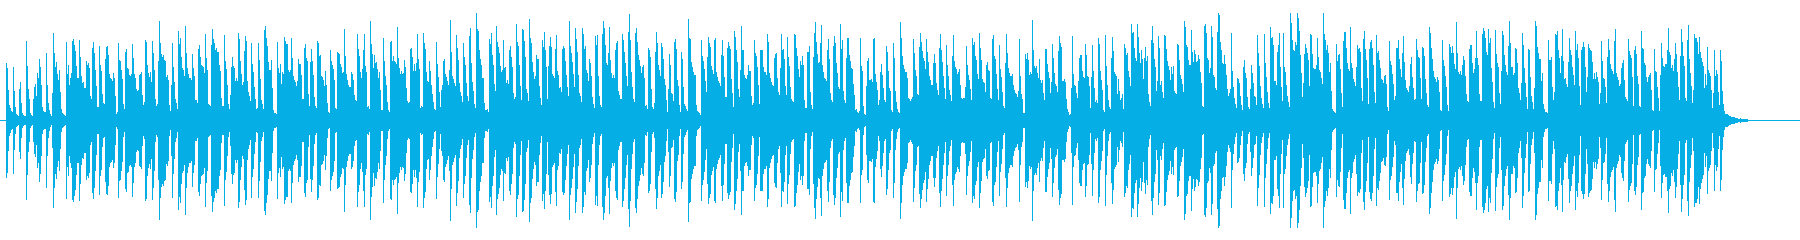 トロピカルな雰囲気のラテンミュージックの再生済みの波形